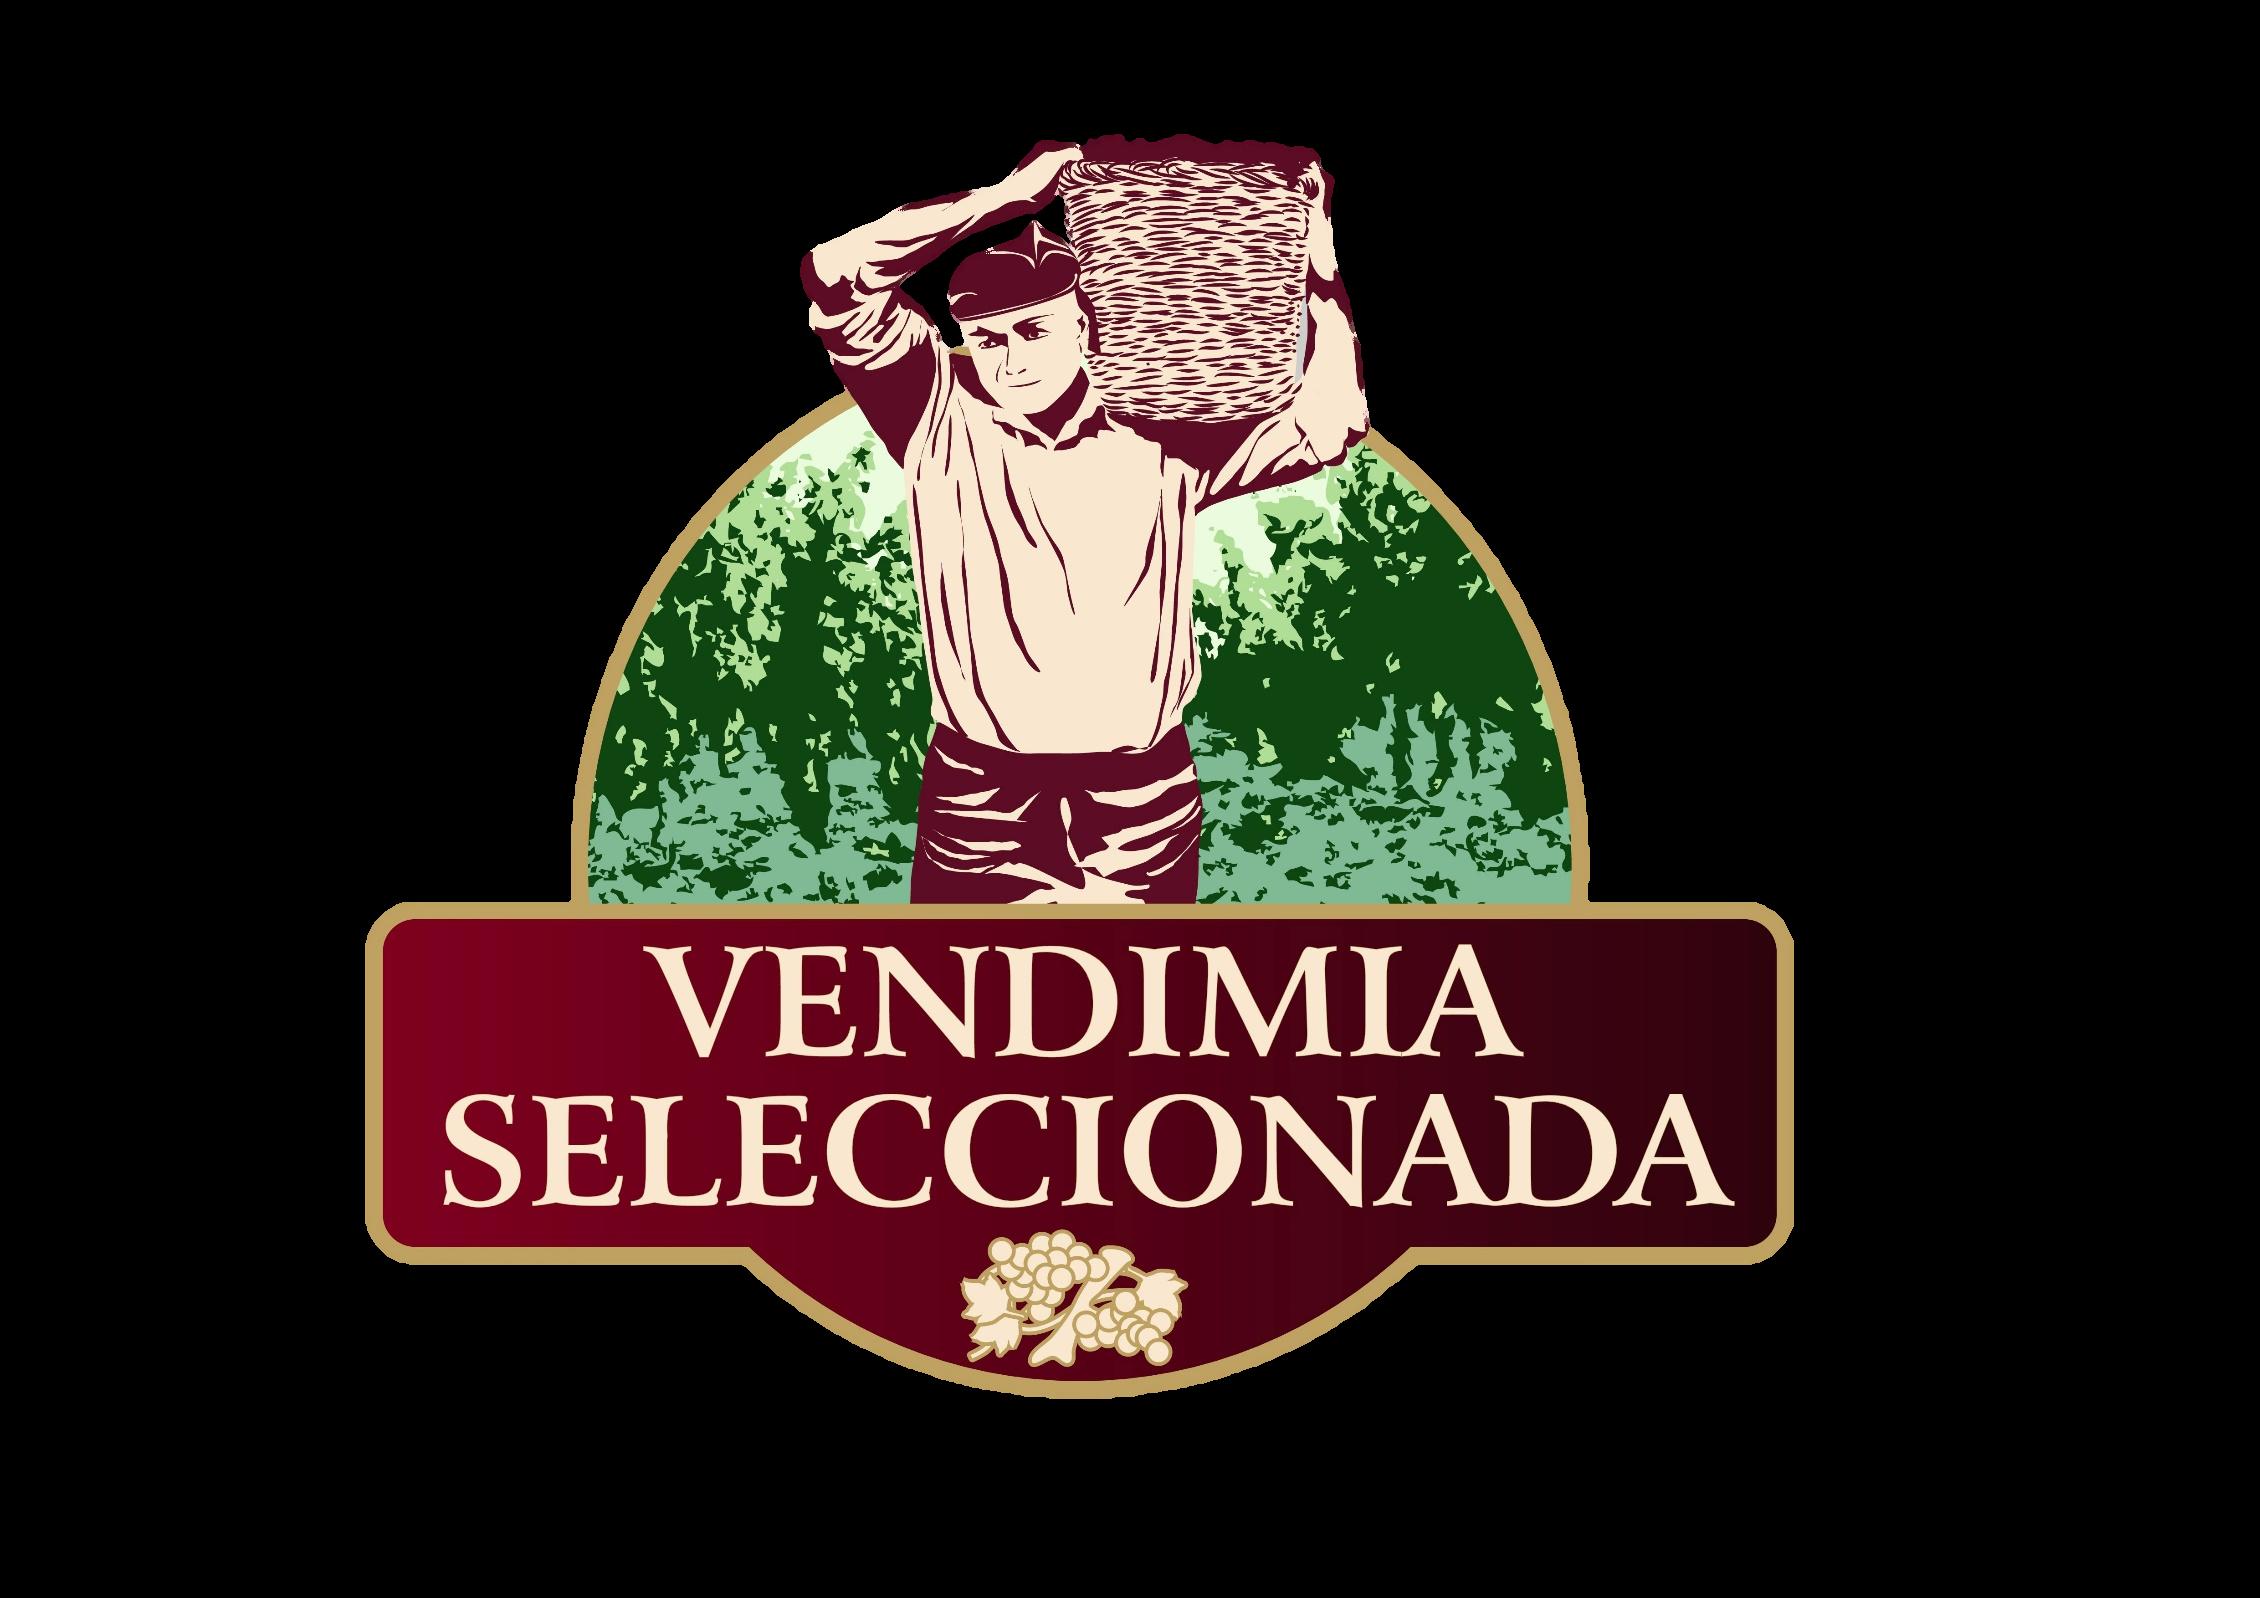 VENDIMIA SELECCIONADA